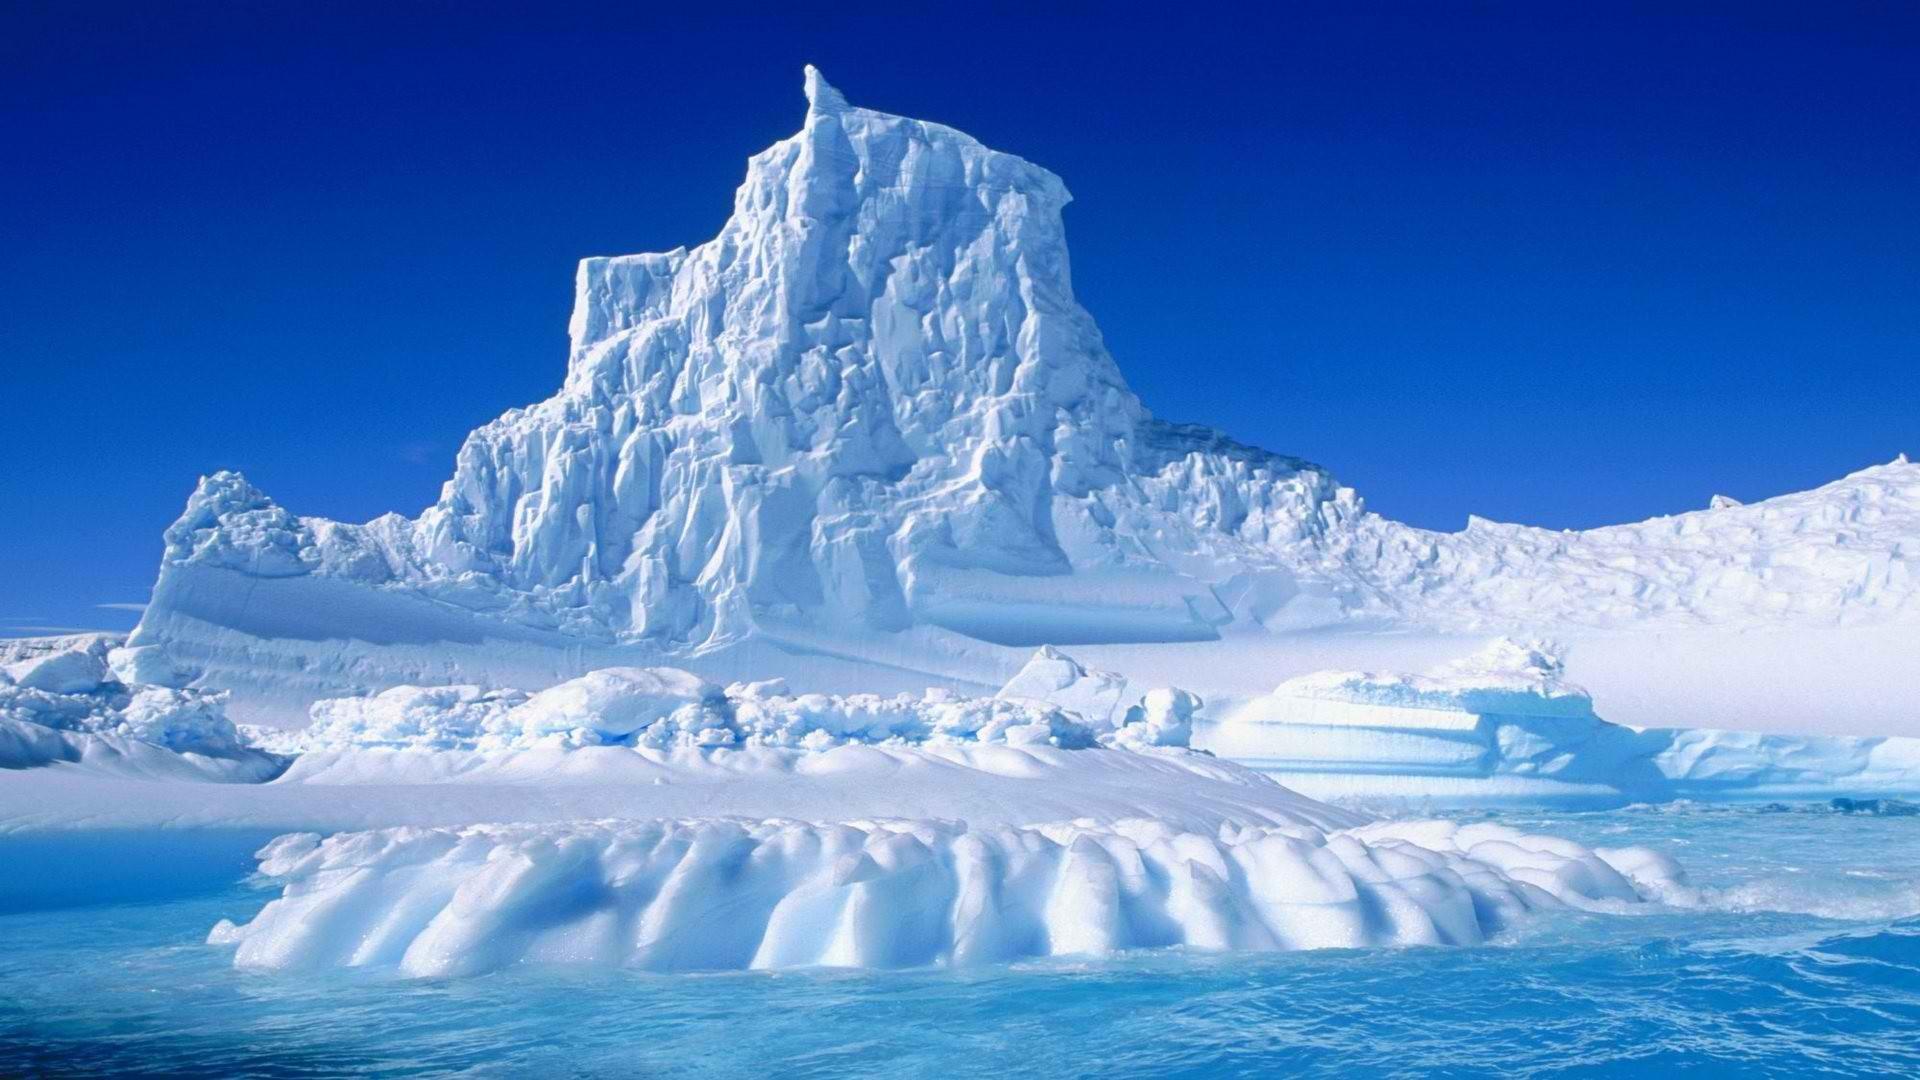 Il mio viaggio in Antartide: 7